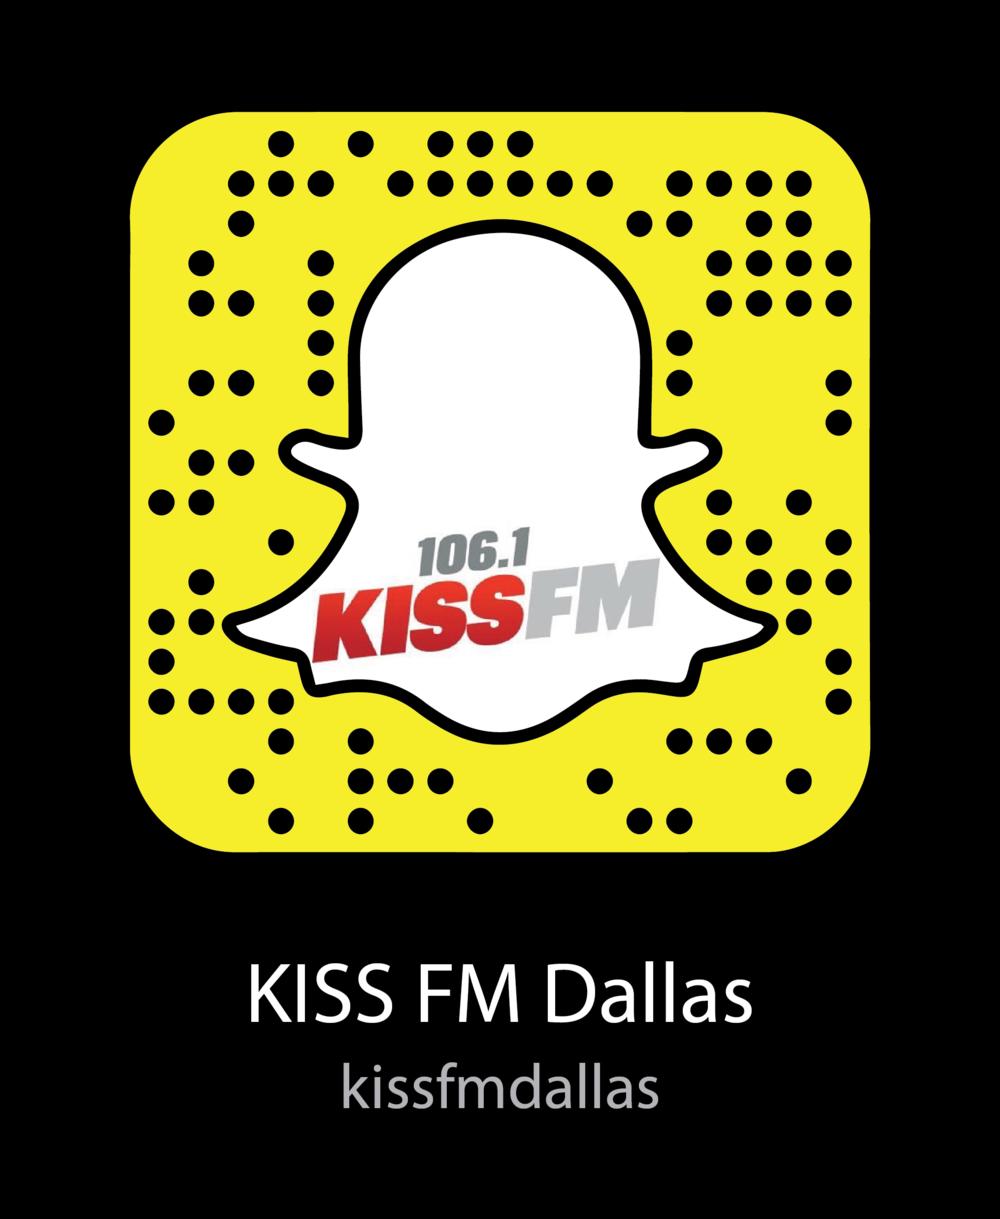 kissfmdallas-Radio-Stations-snapchat-snapcode.png